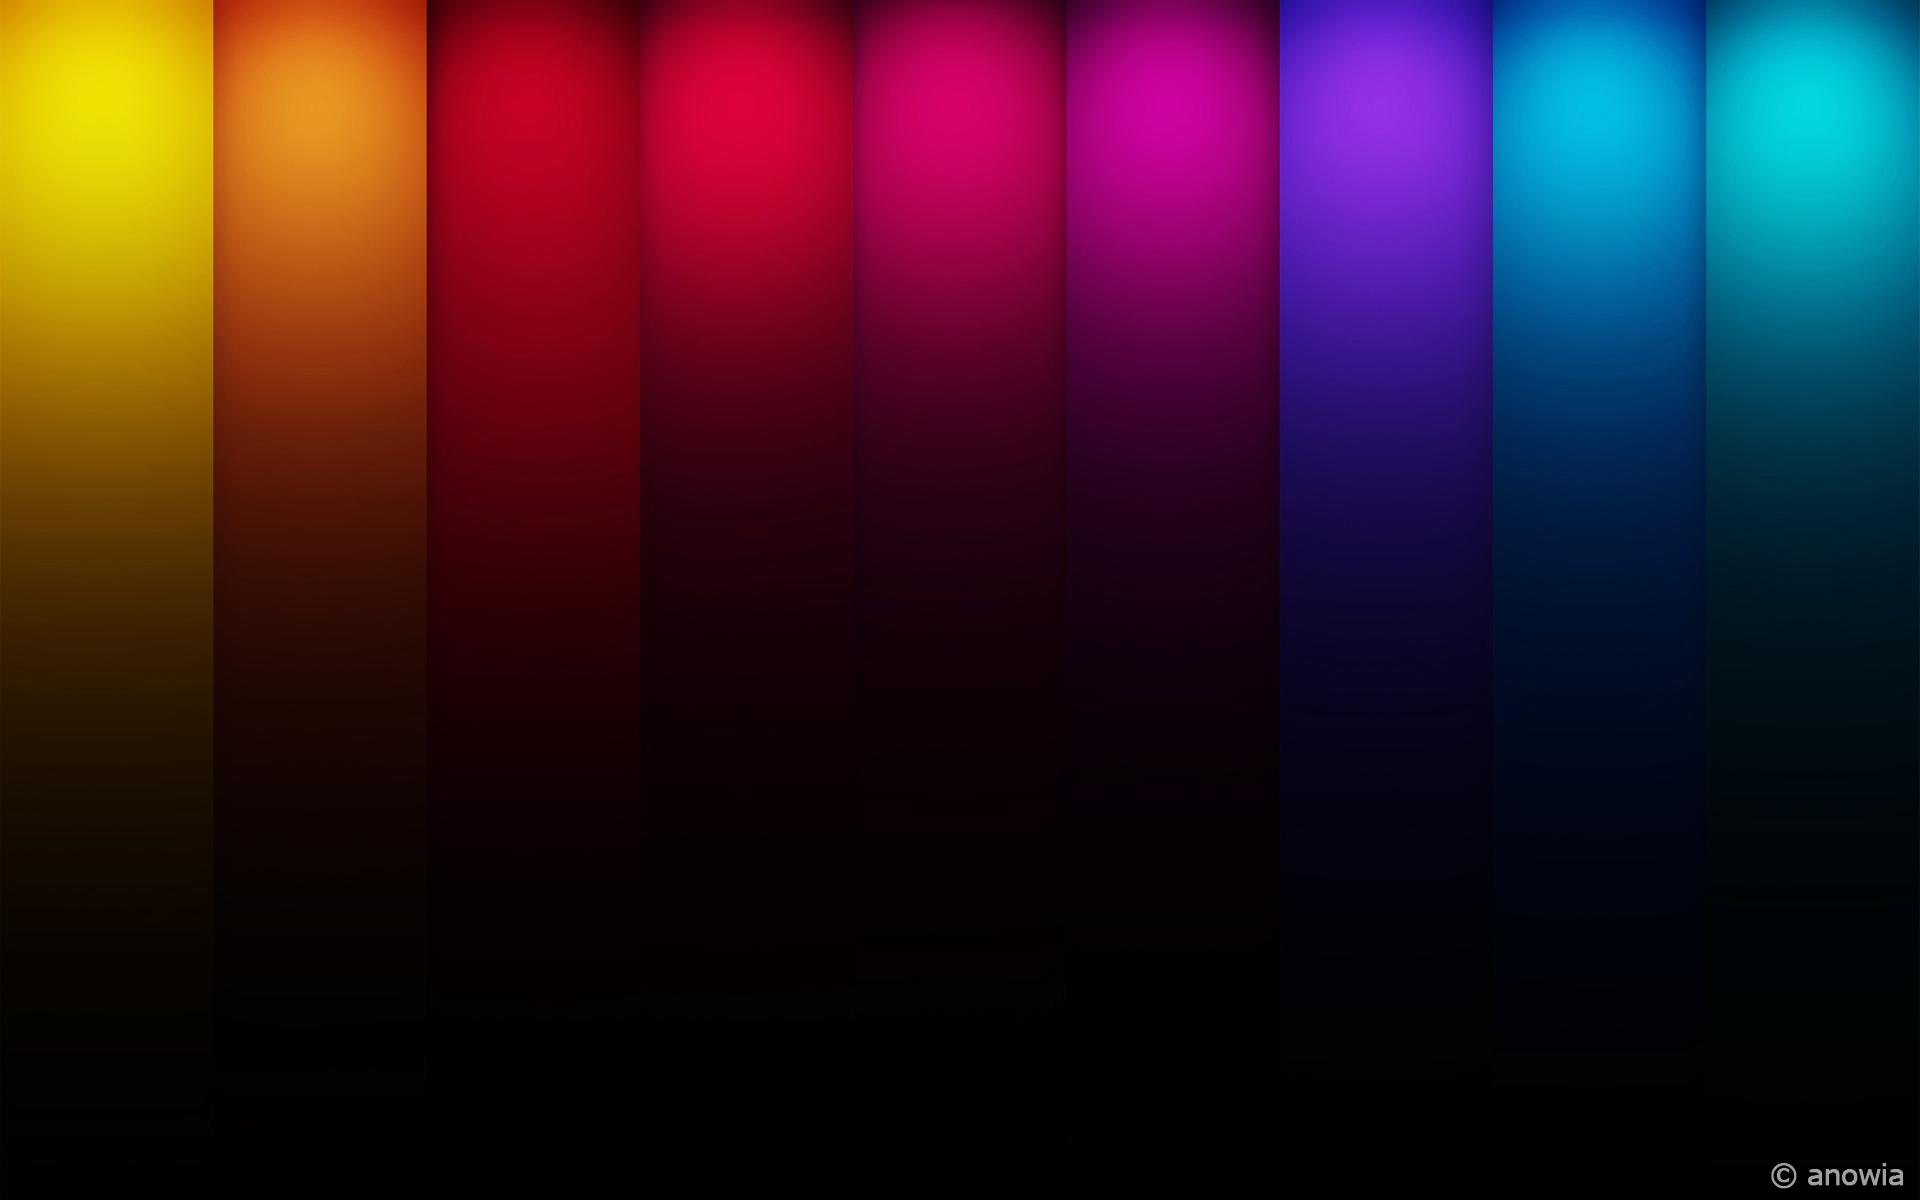 Hd wallpaper colour - Colors Widescreen Wallpaper